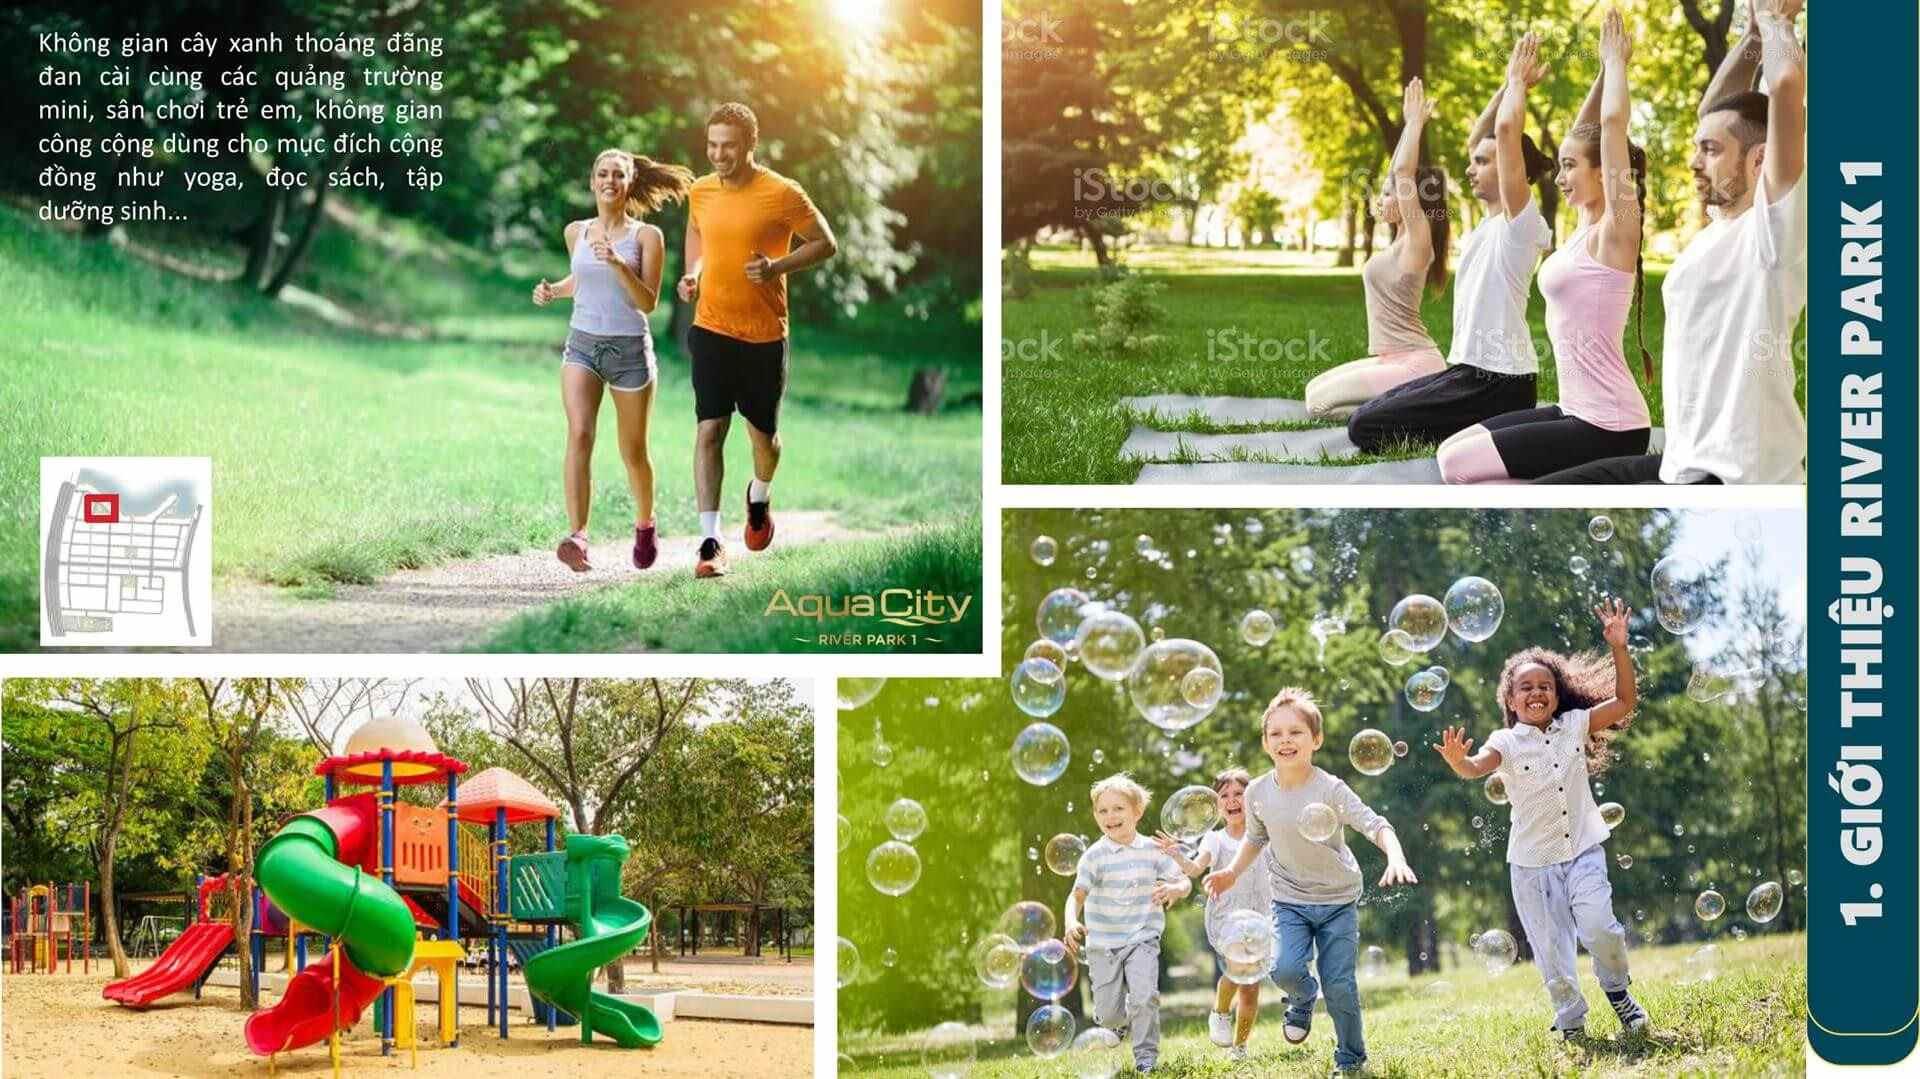 Cây Xanh công viên bao phủ dày đặc - không khí trong lành